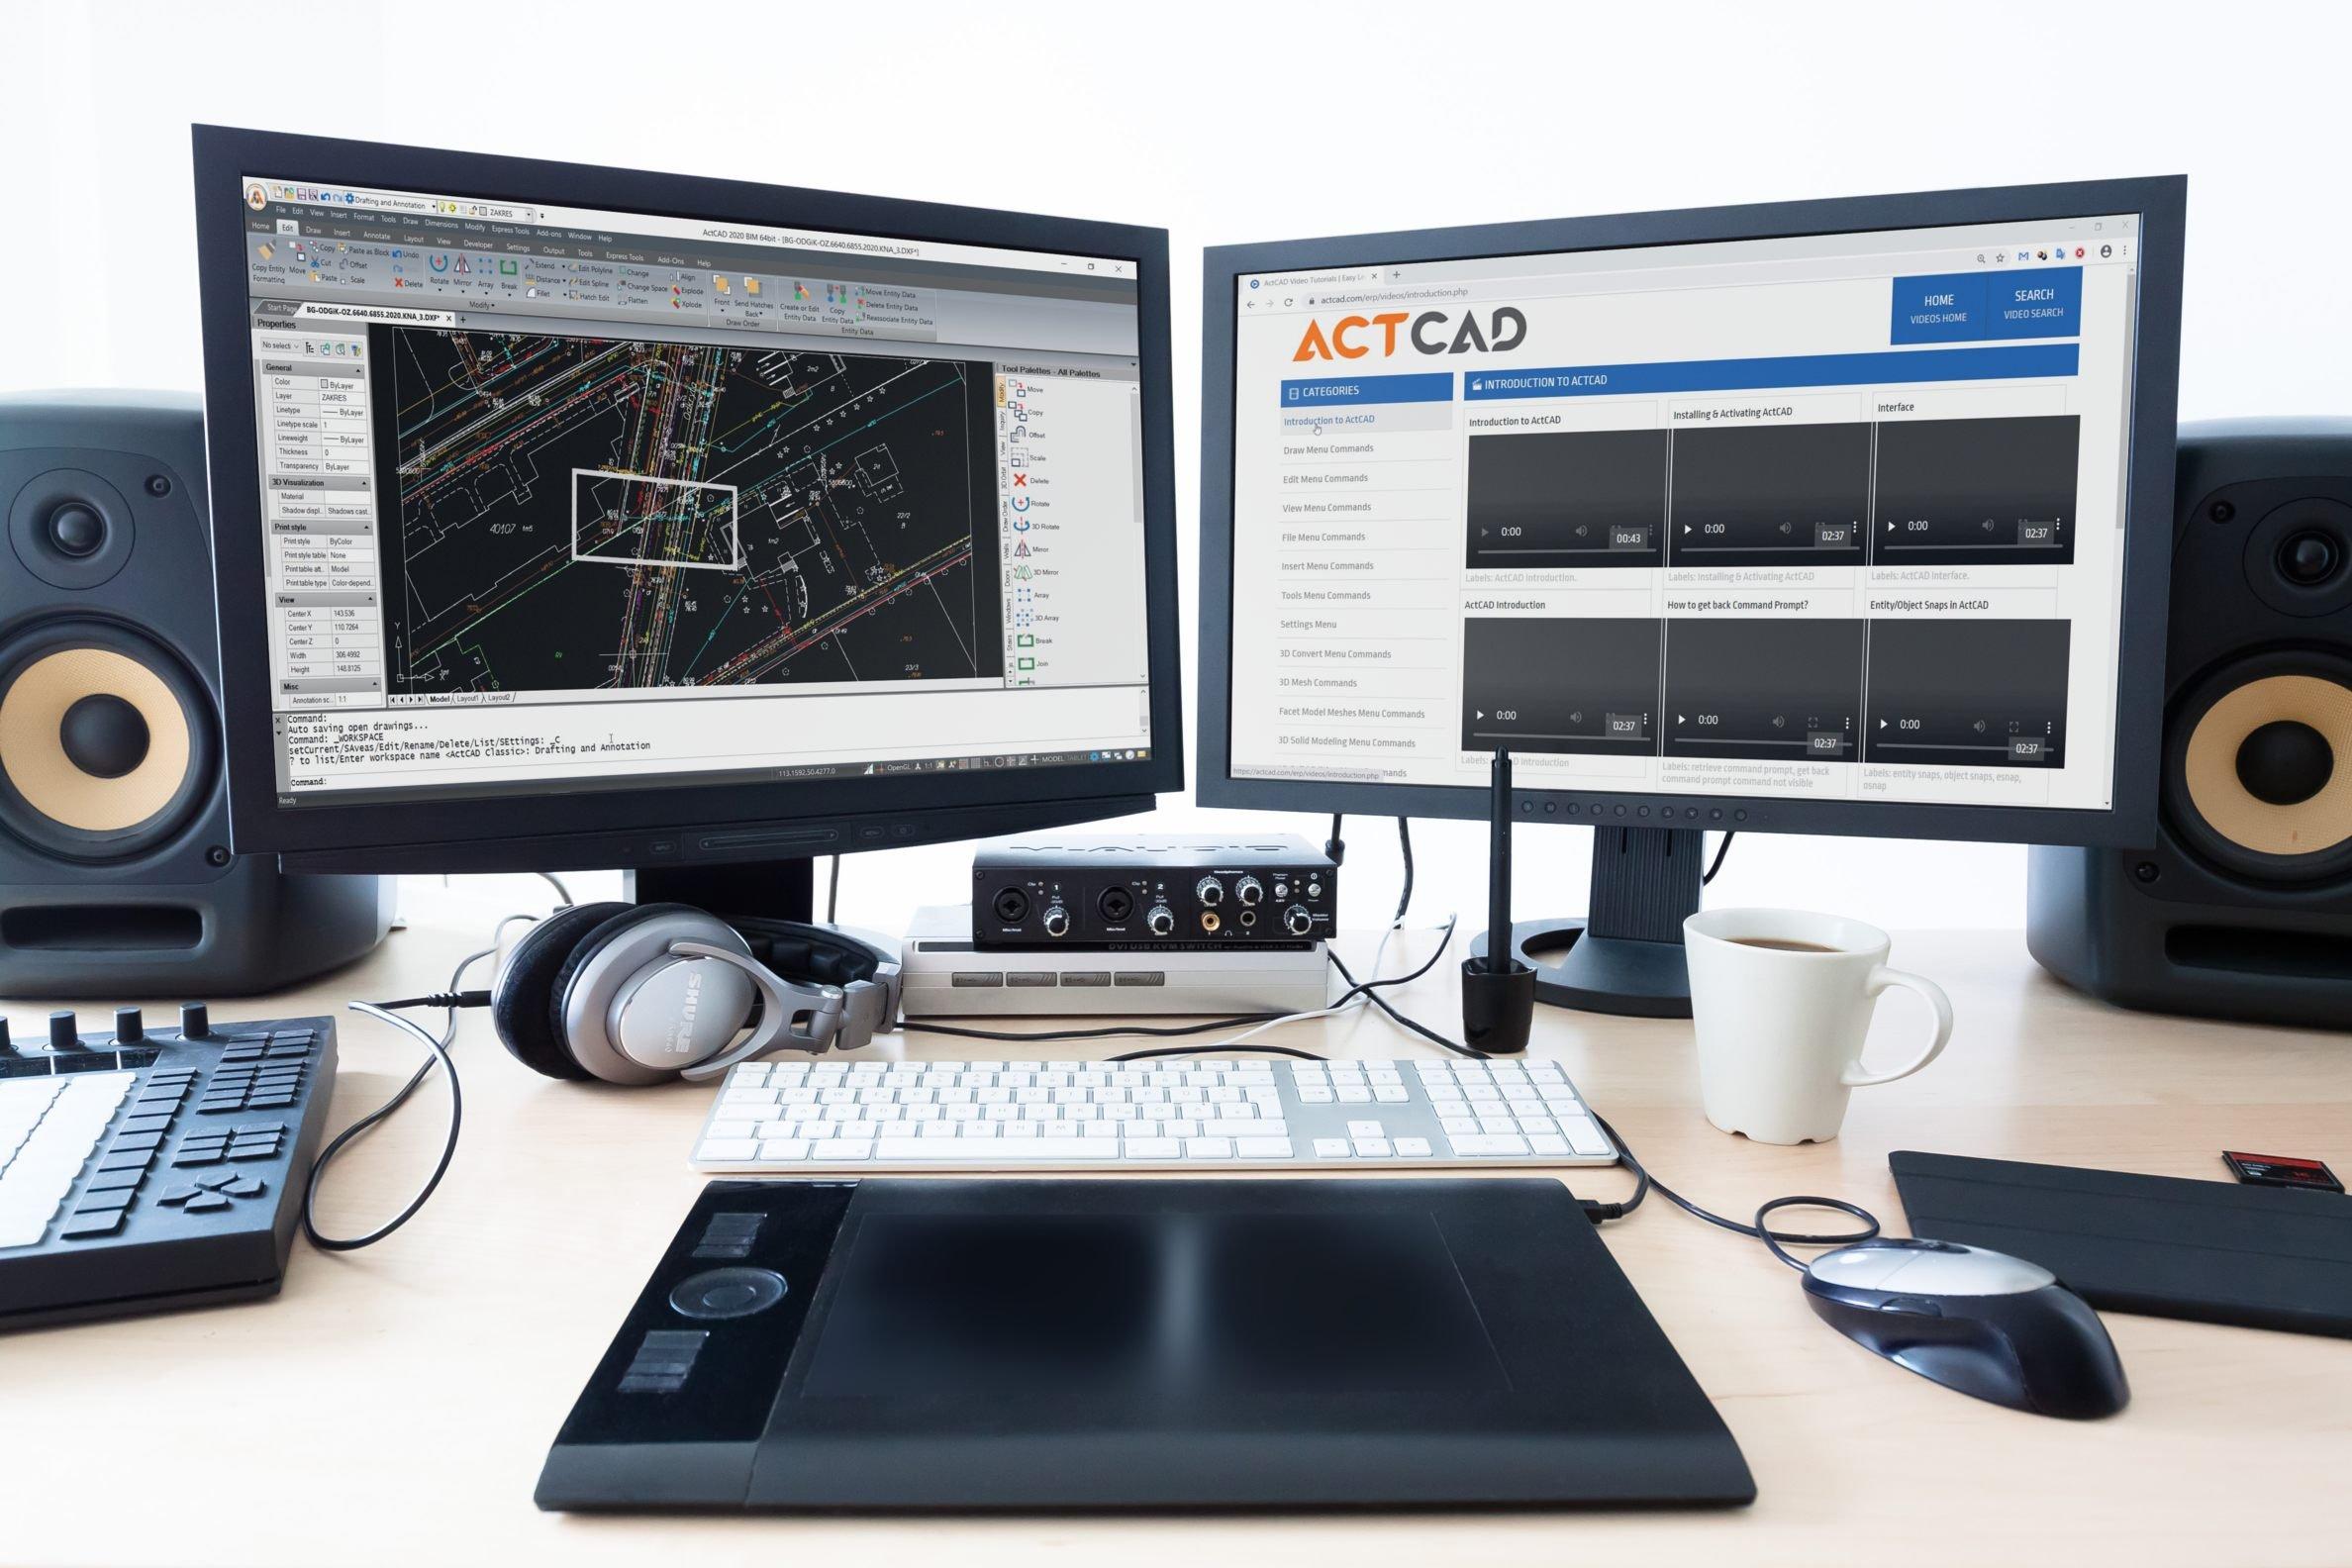 ActCAD Dual screen